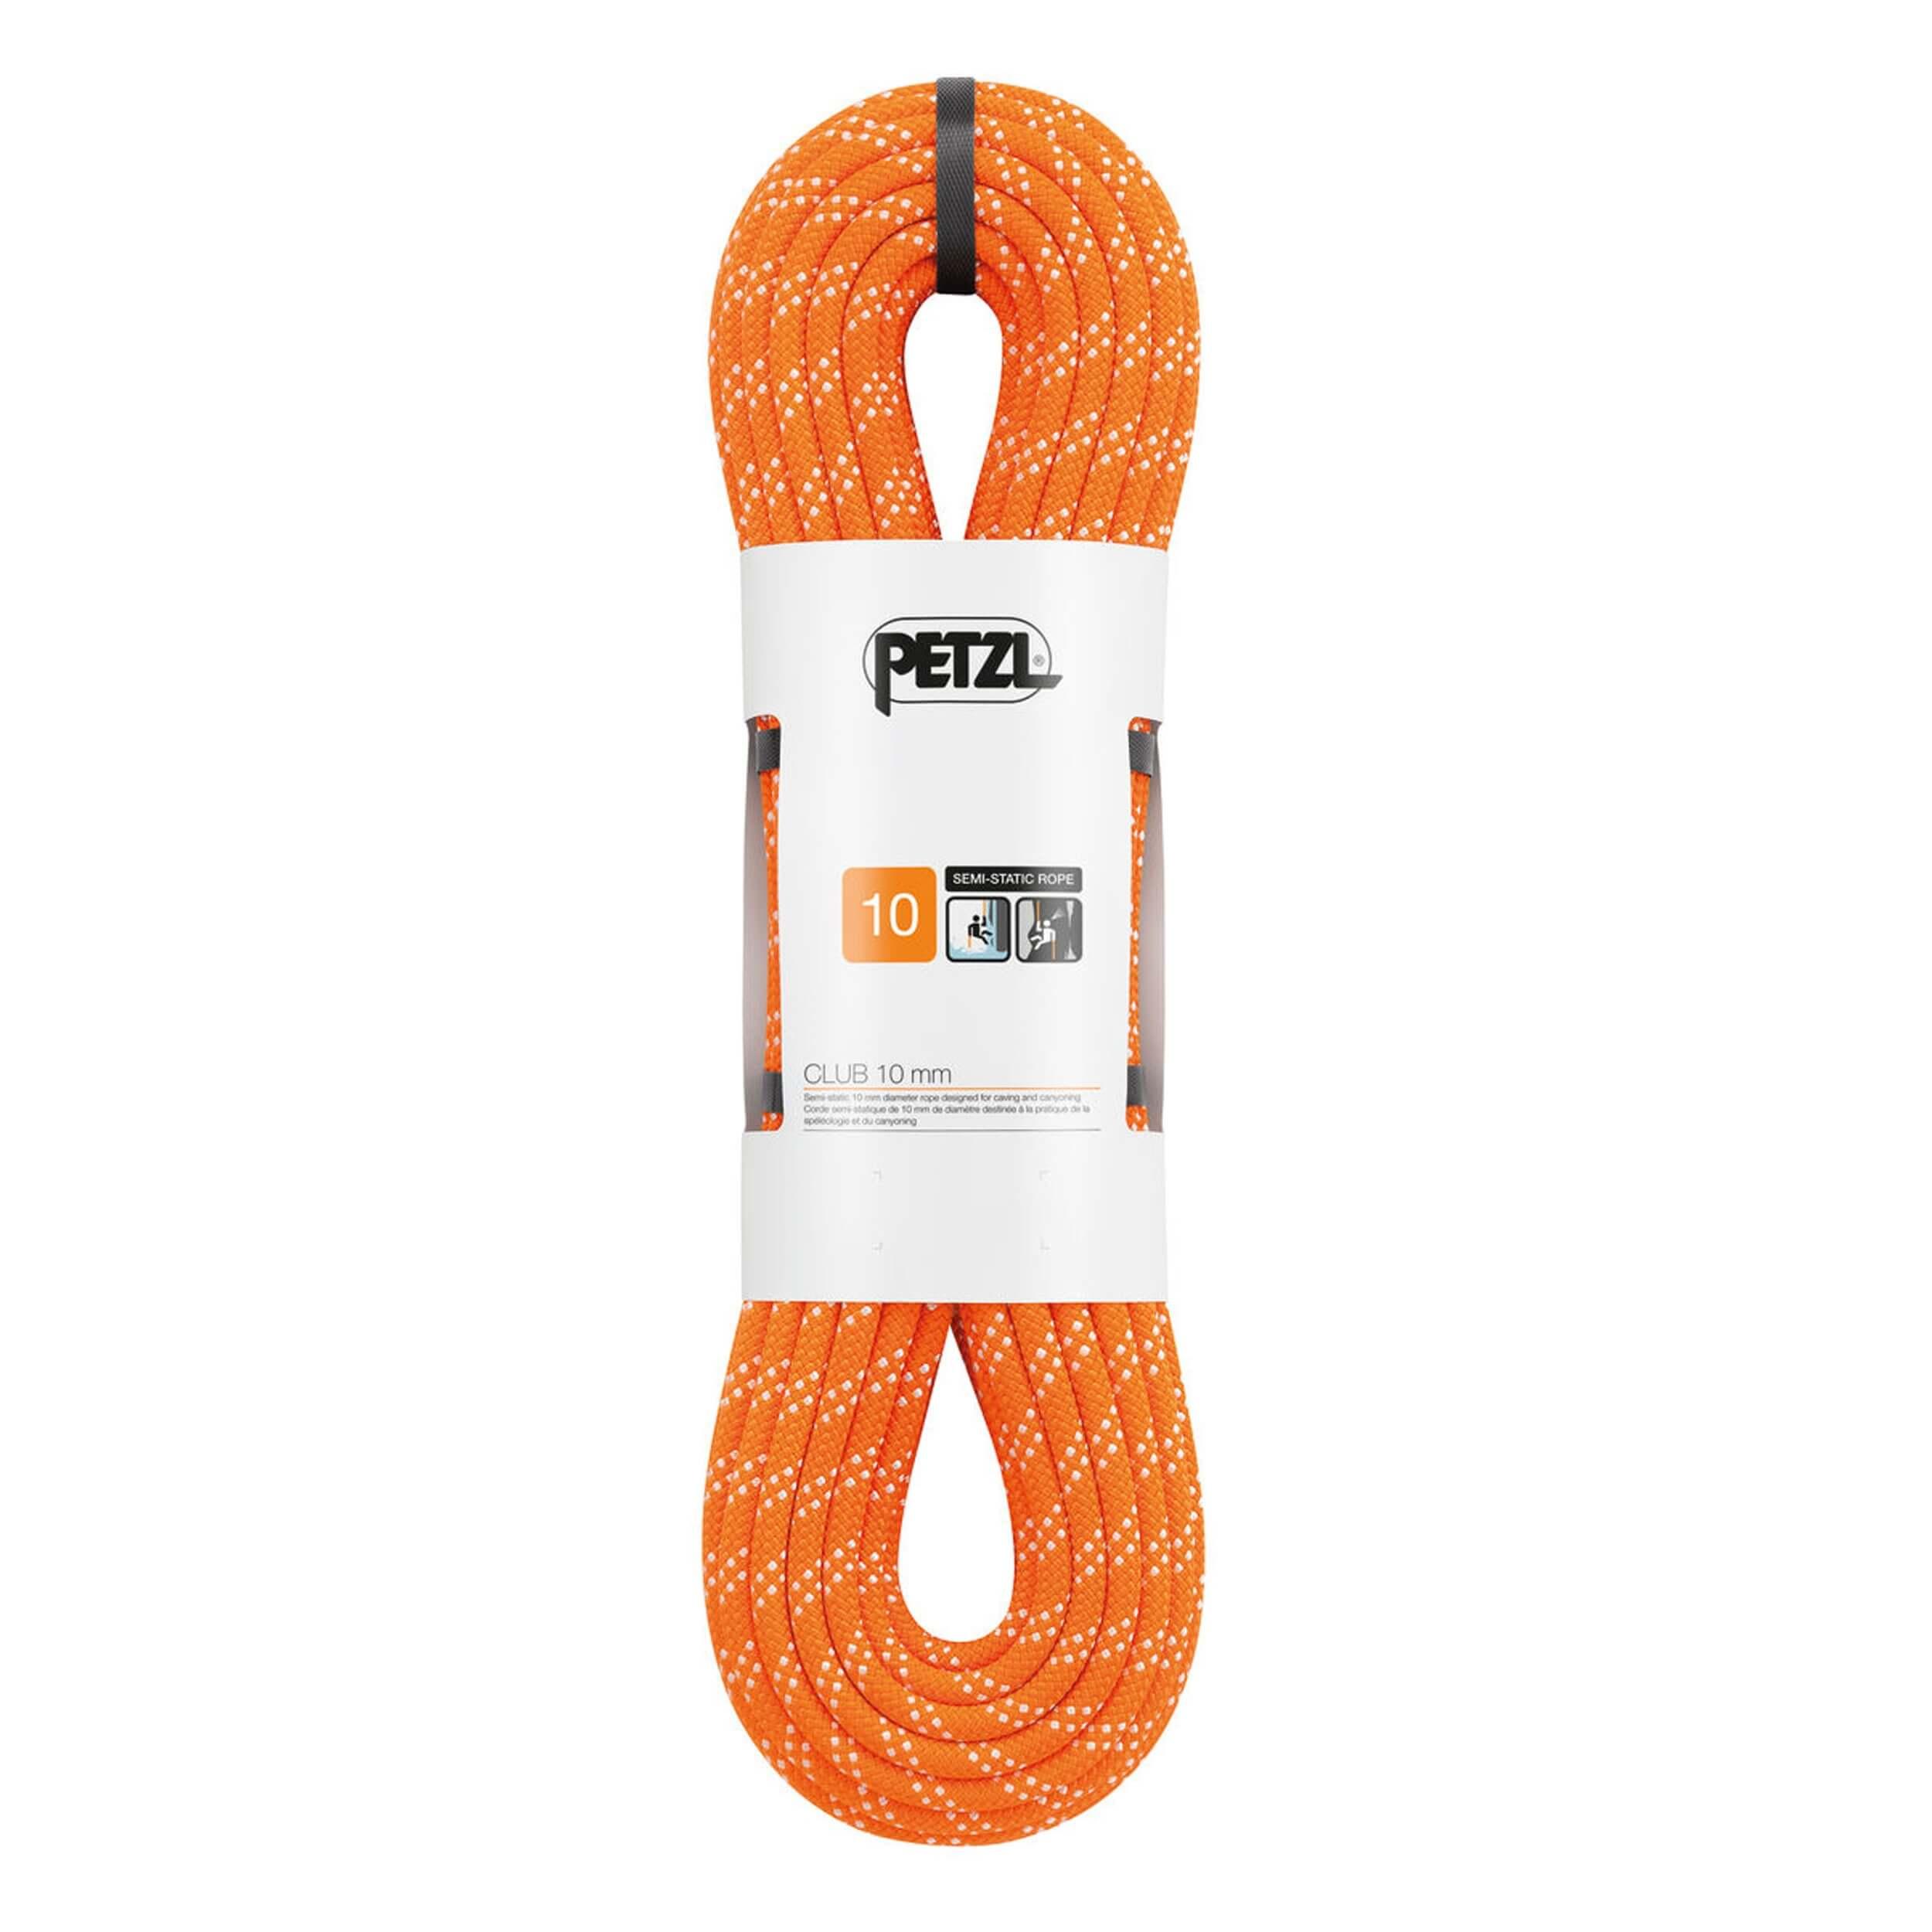 Petzl CLUB 10mm x 60M Seil